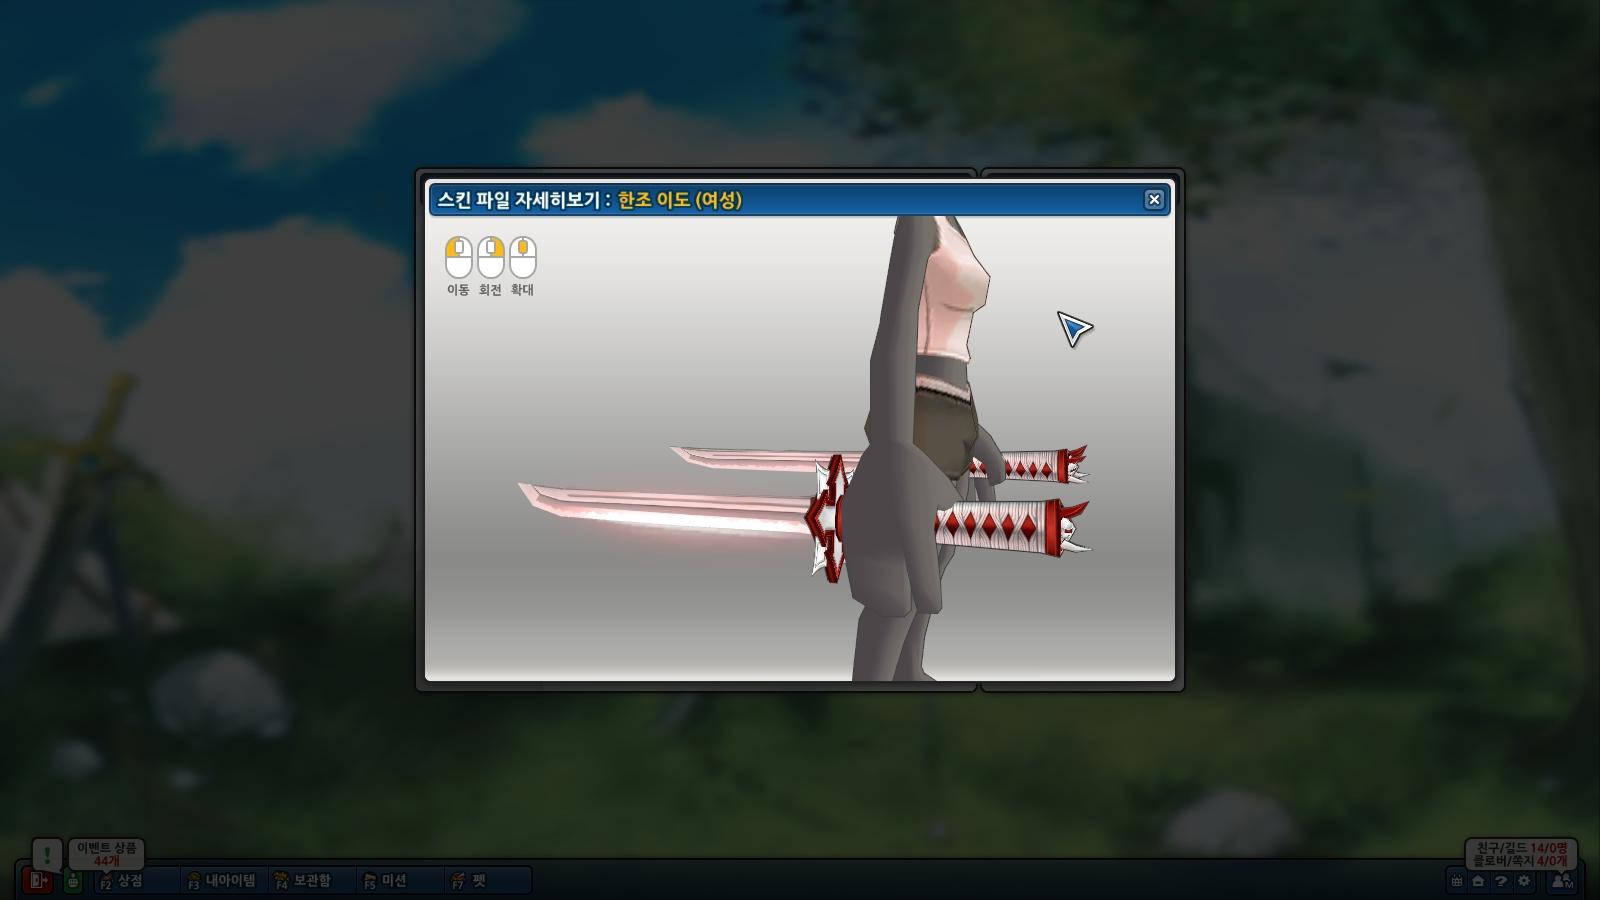 한조 무기 - 단풍 ver